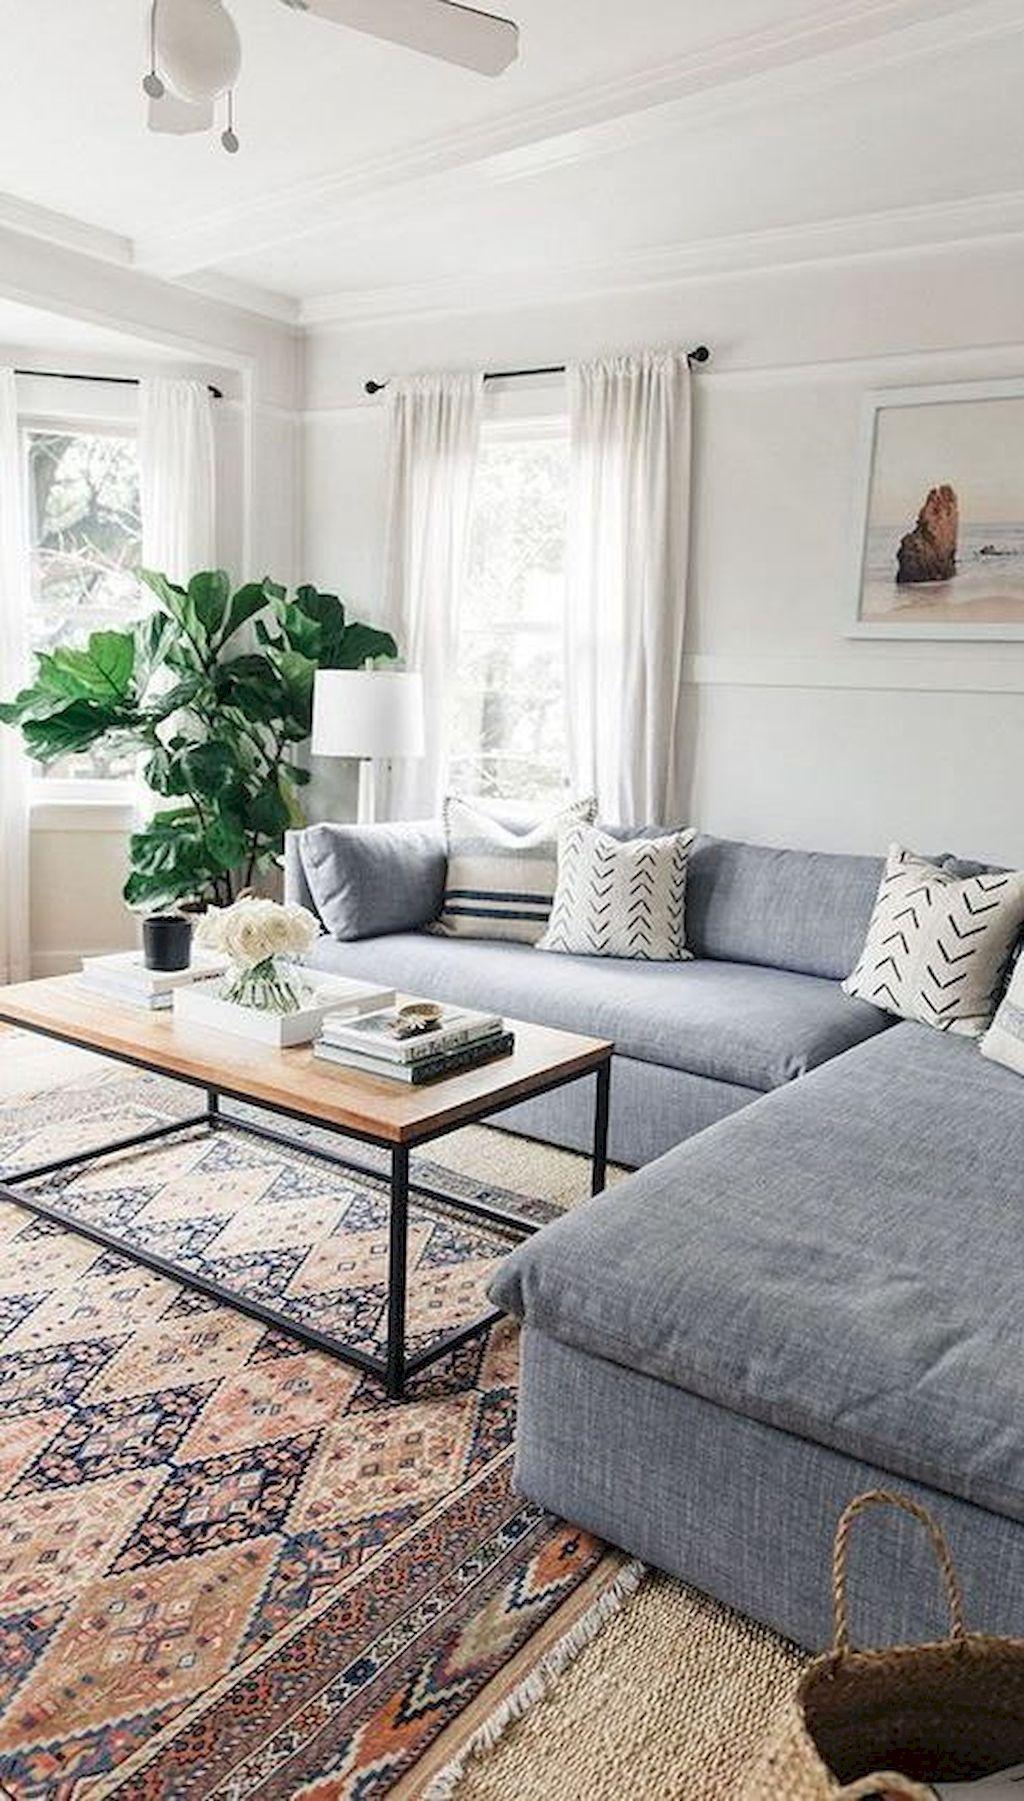 55 Minimalist Living Room Ideas | Living room ideas, Room ideas and ...